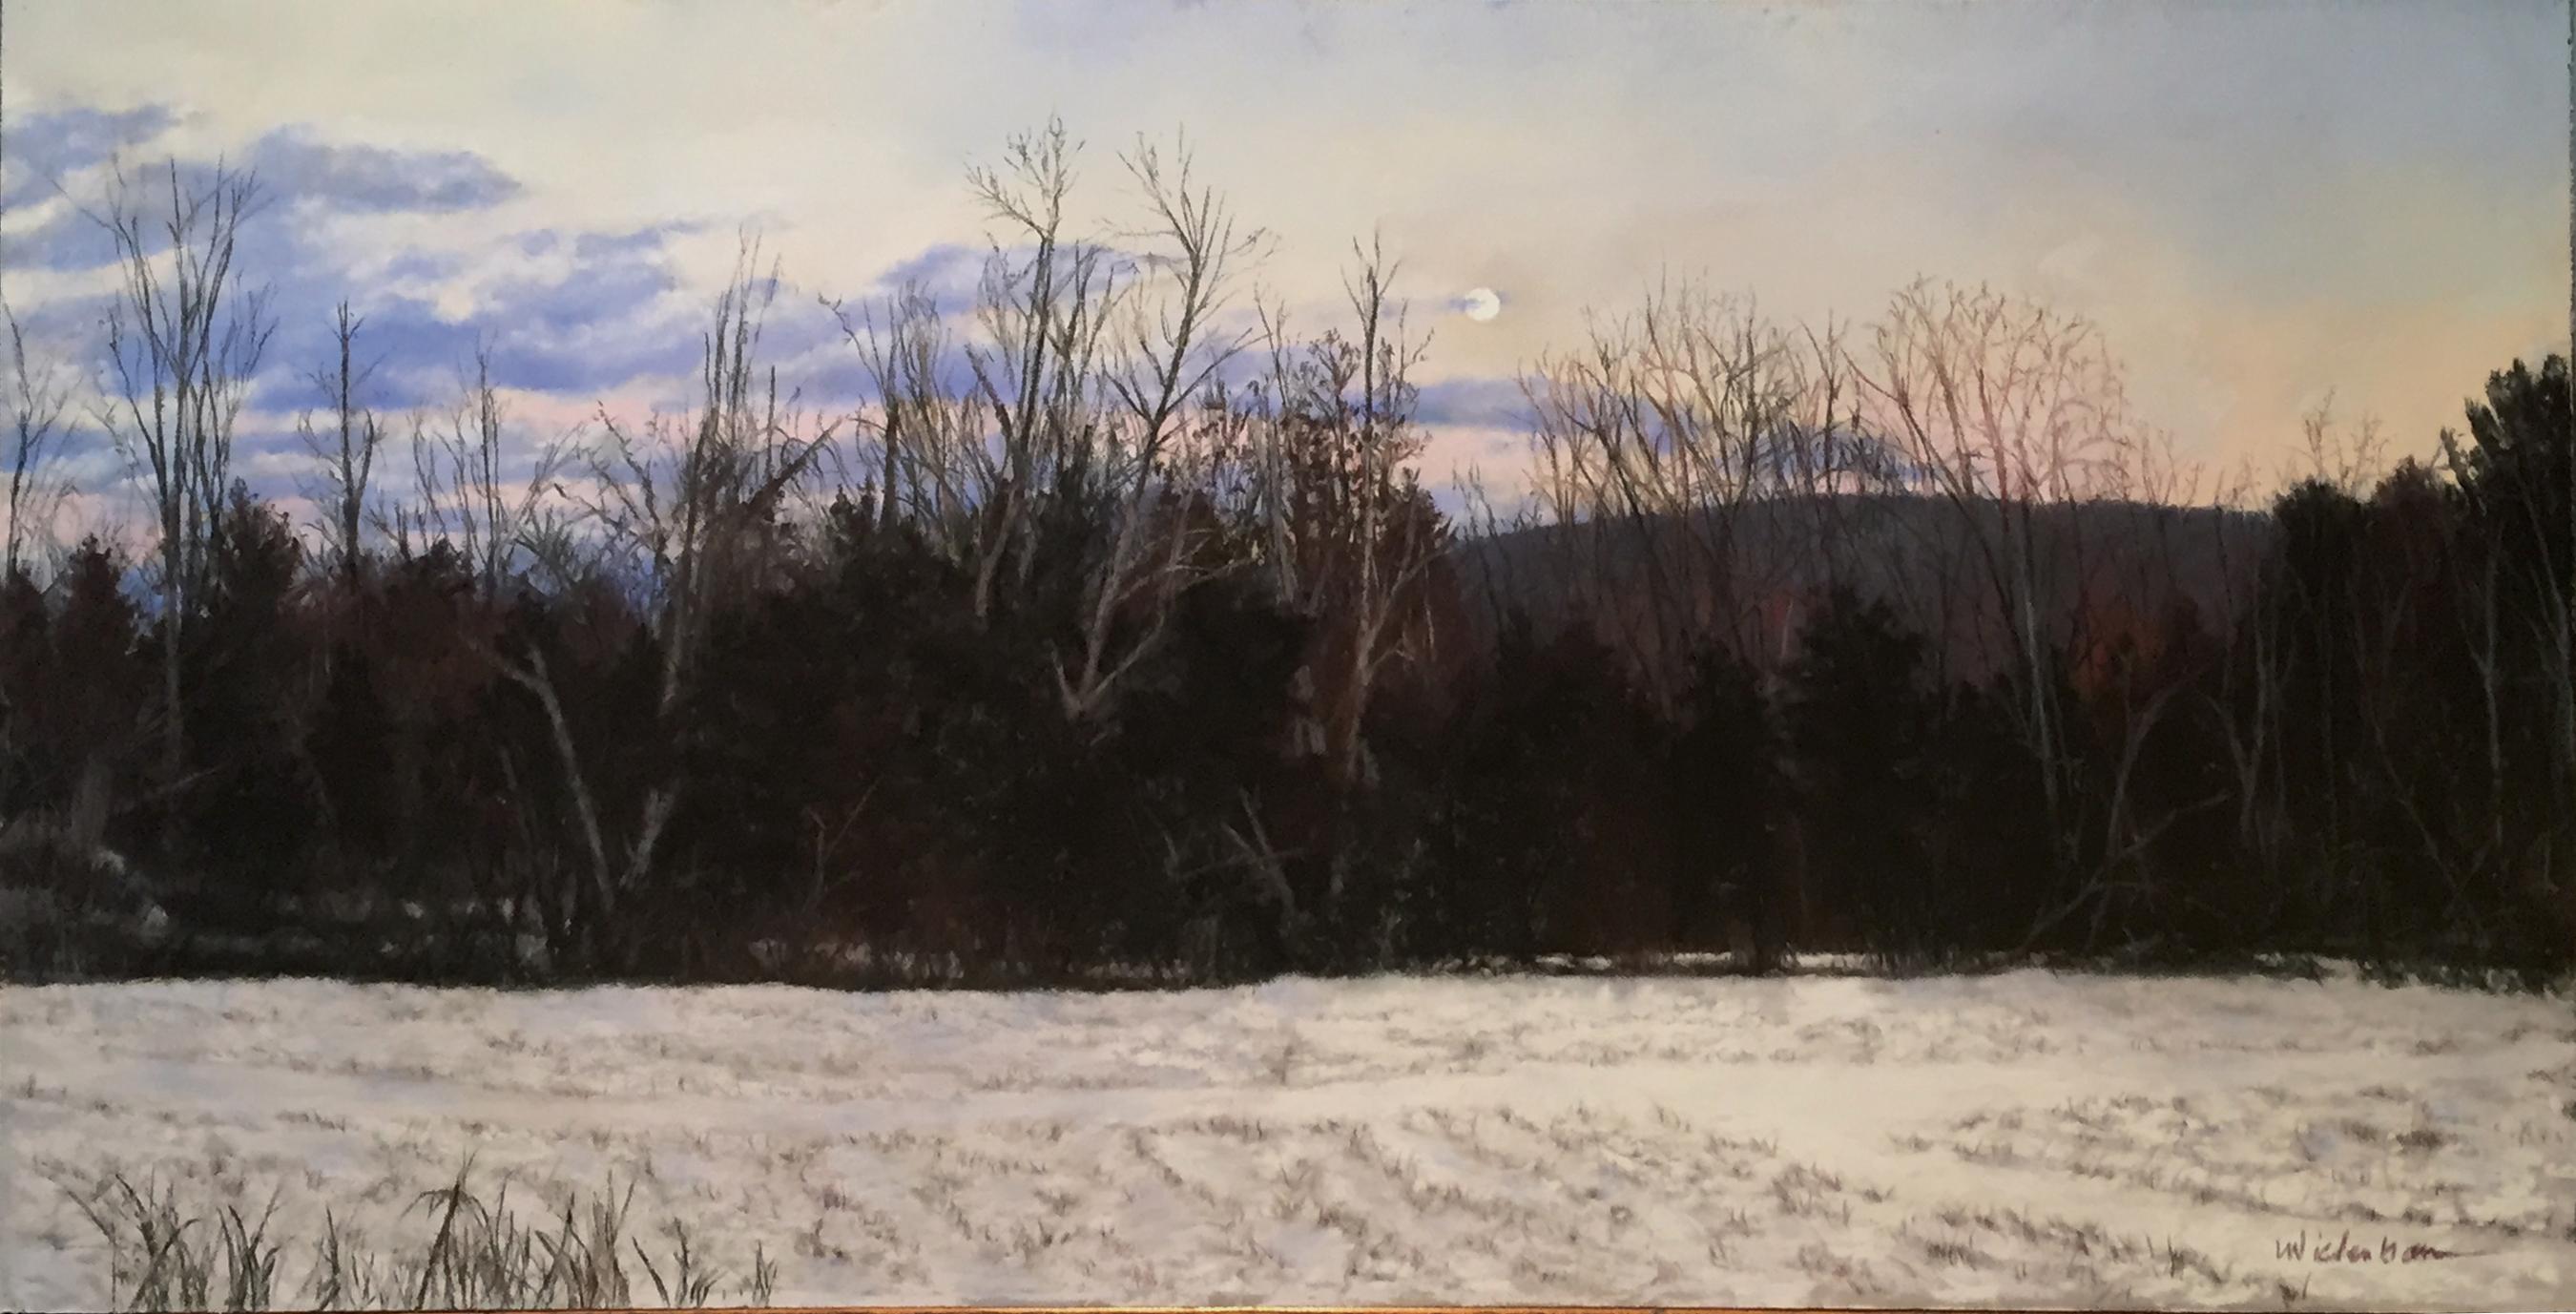 Rock Hill Moondance in Meadow